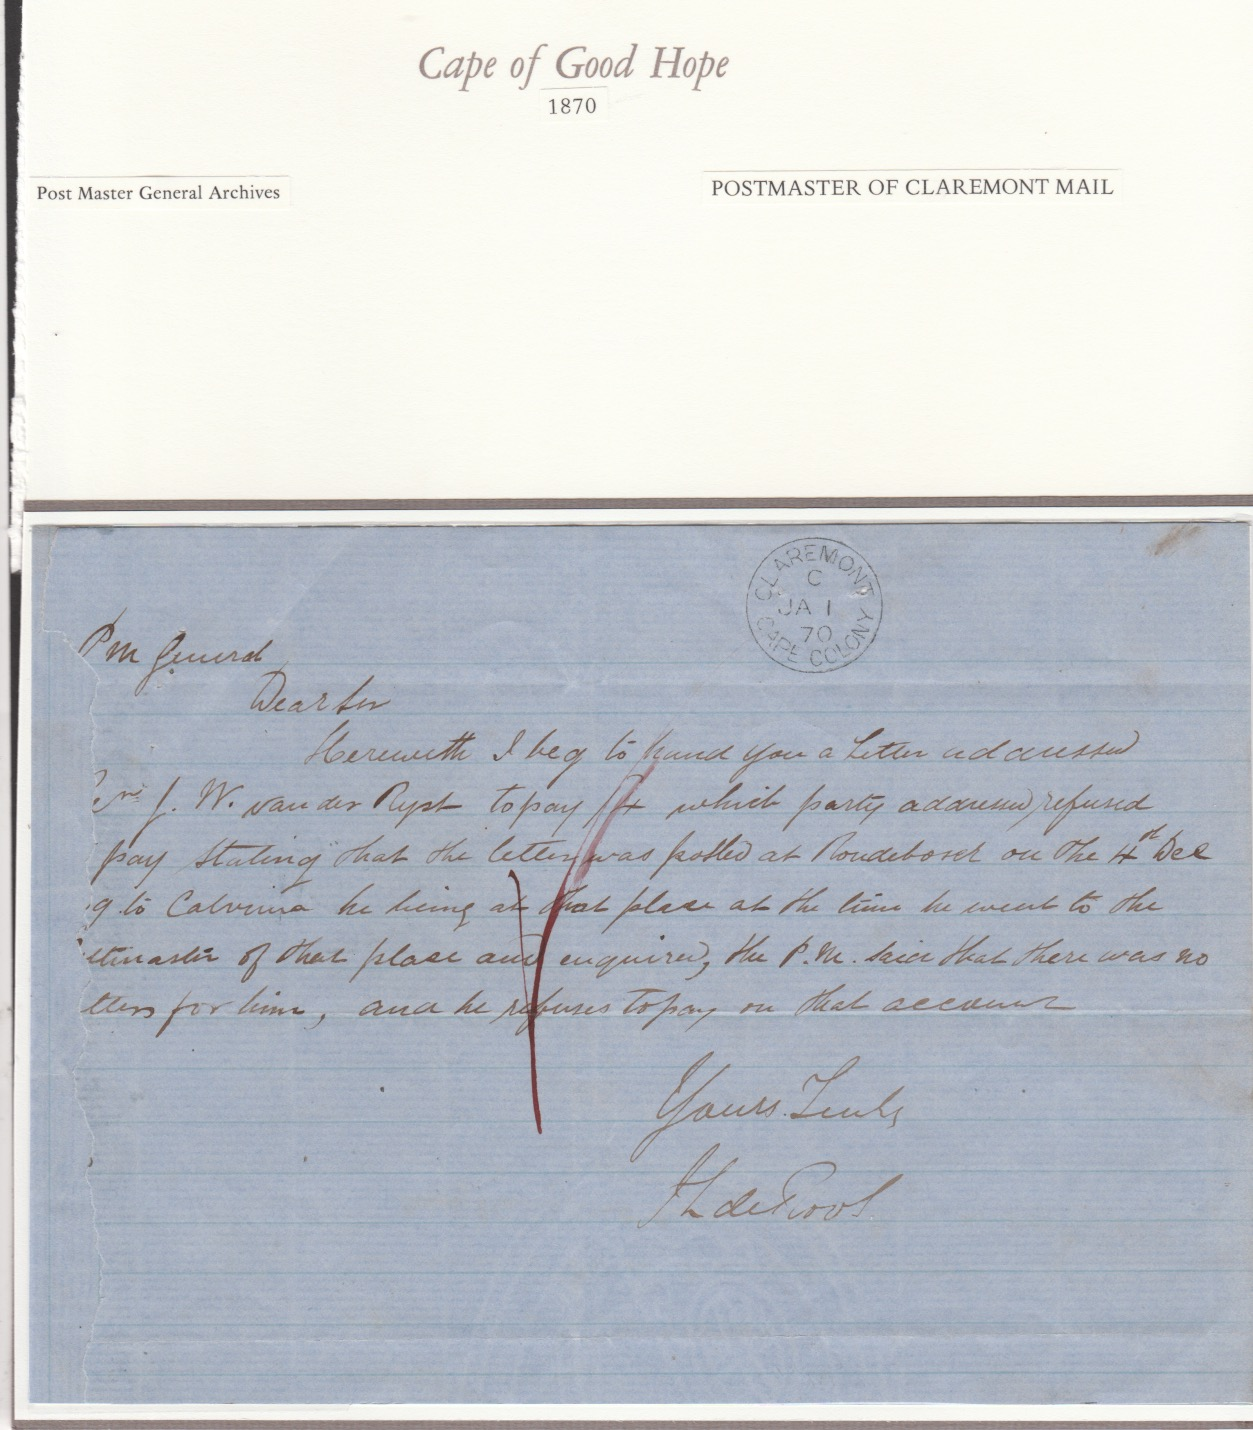 Cape of Good Hope 1870